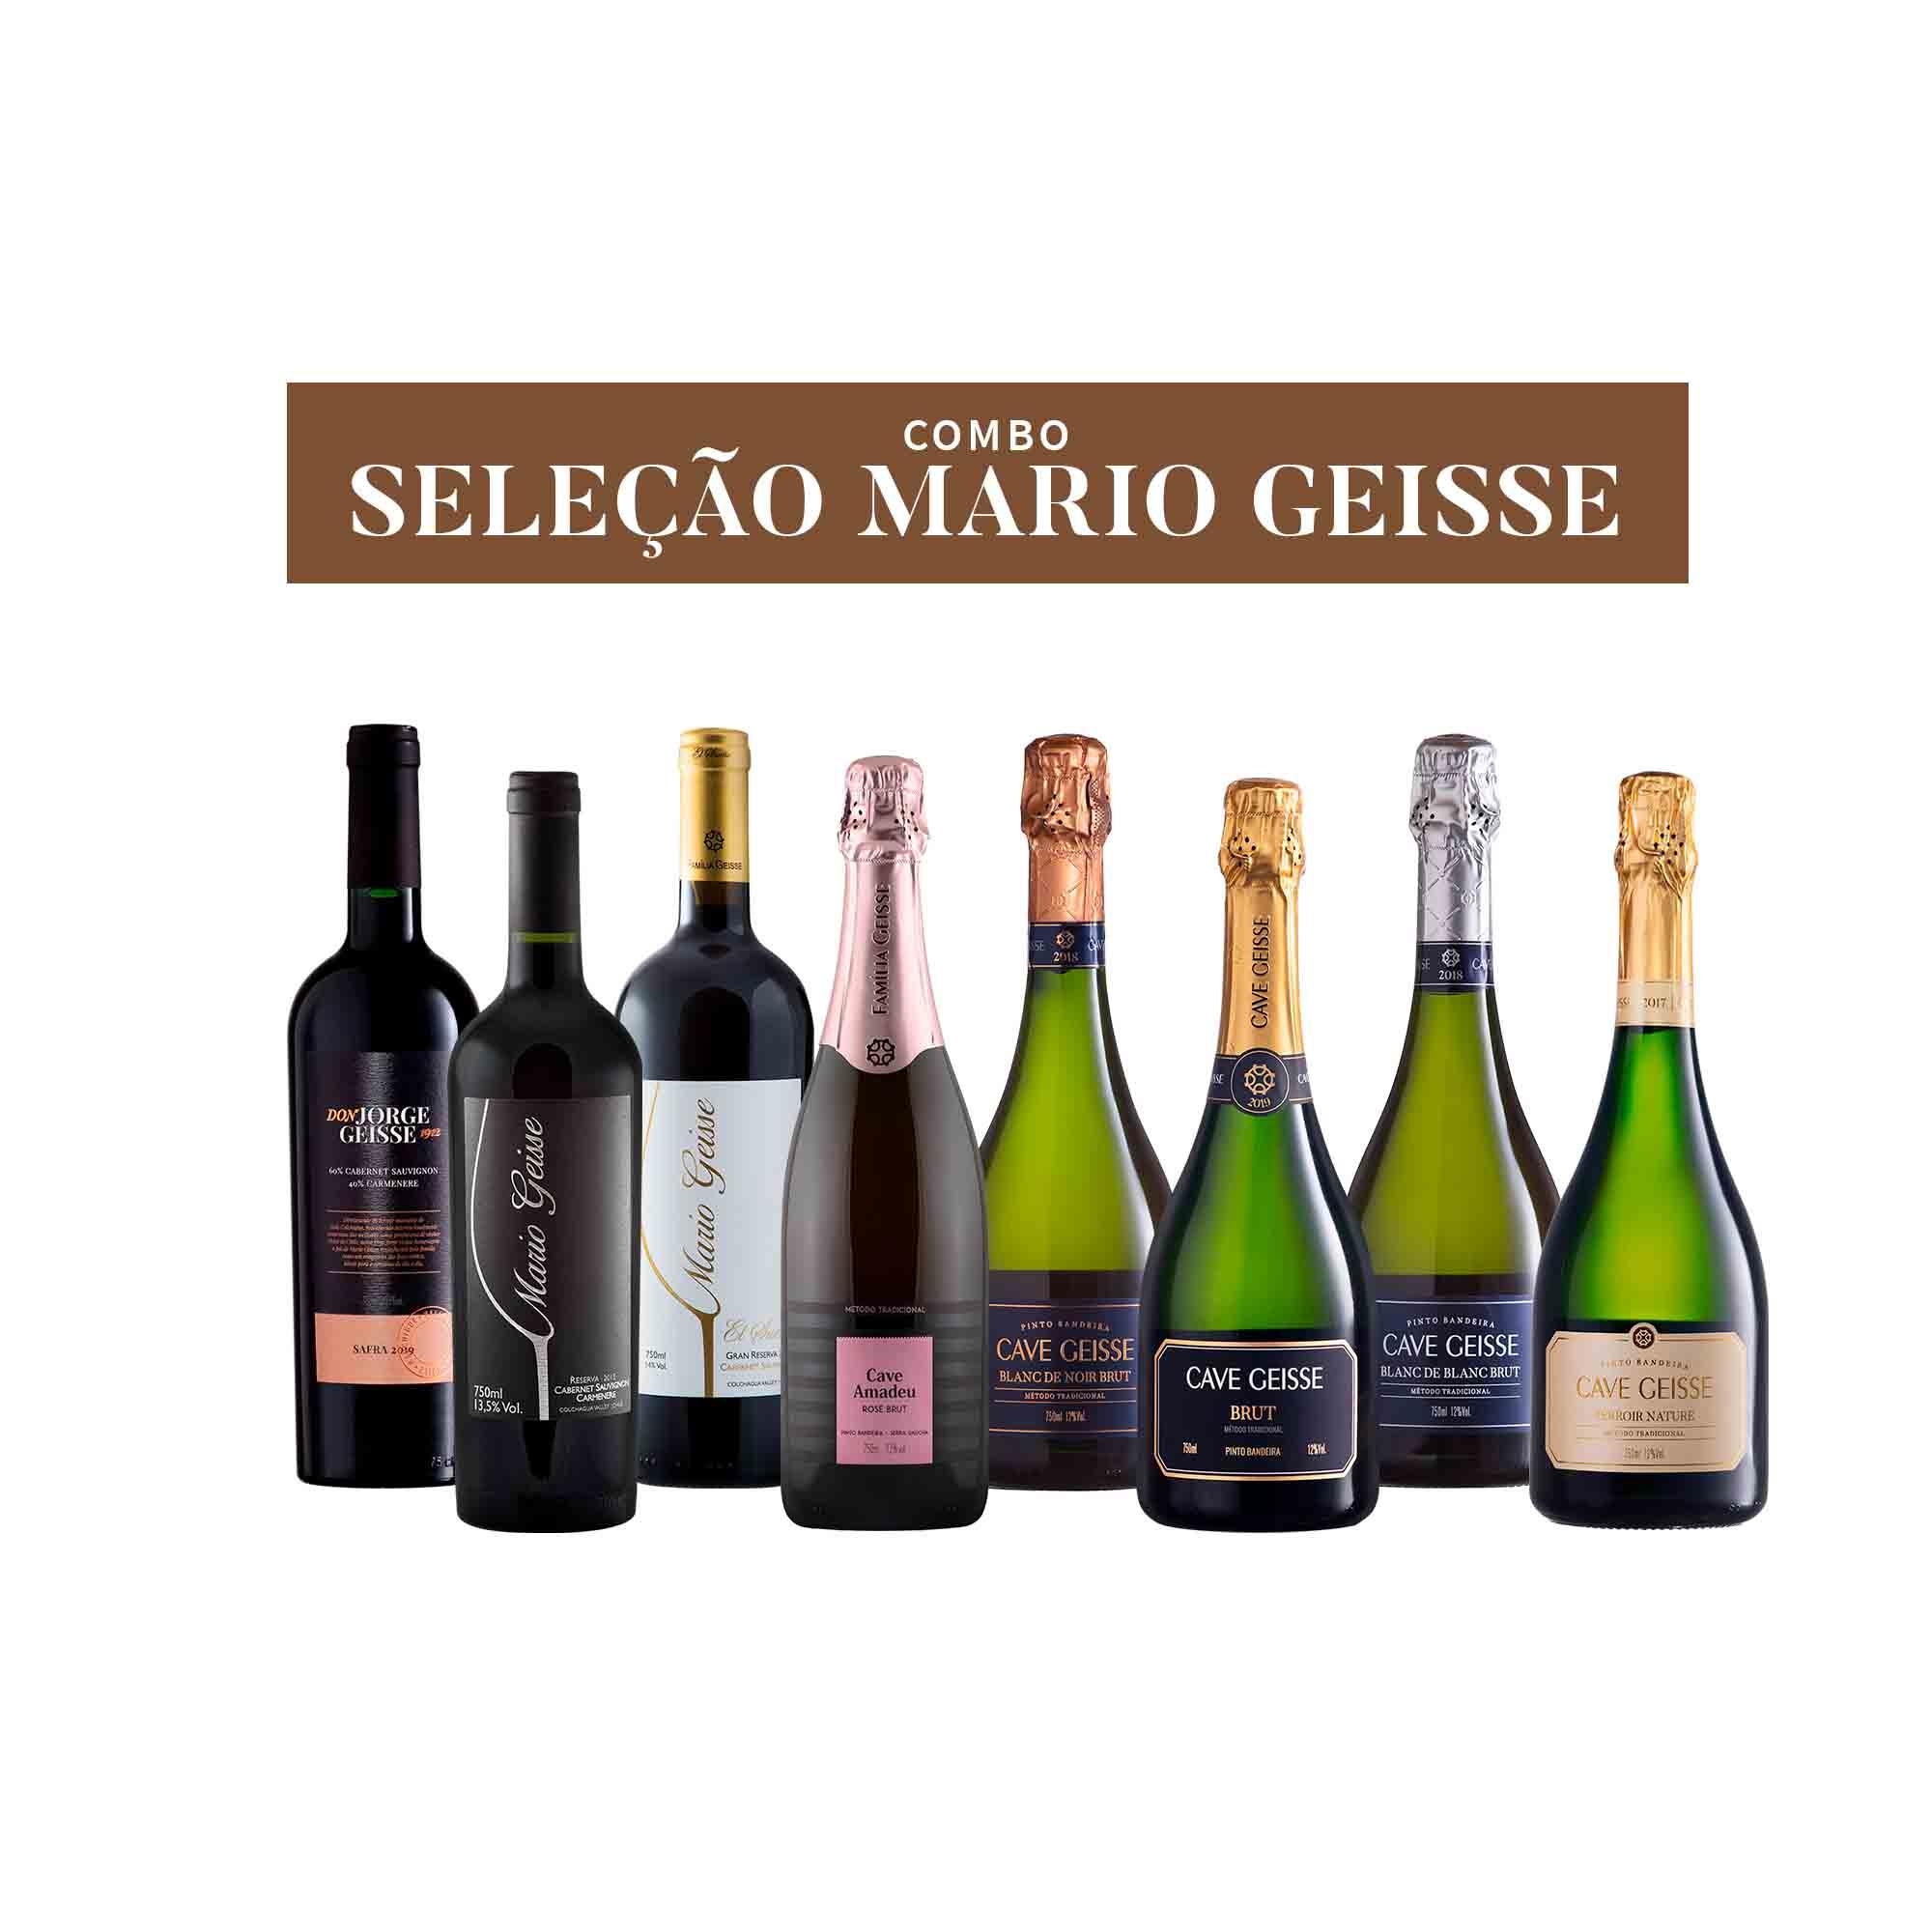 COMBO SELEÇÃO MARIO GEISSE